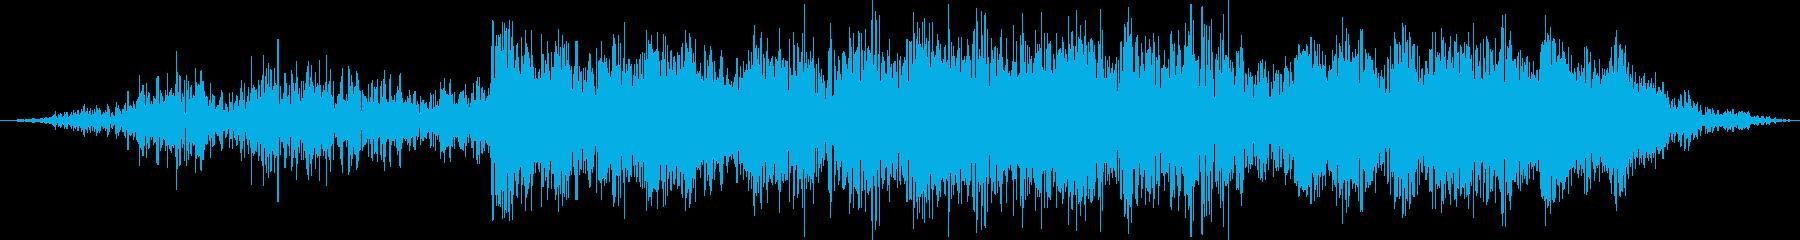 テキストの輝きを歪めるの再生済みの波形